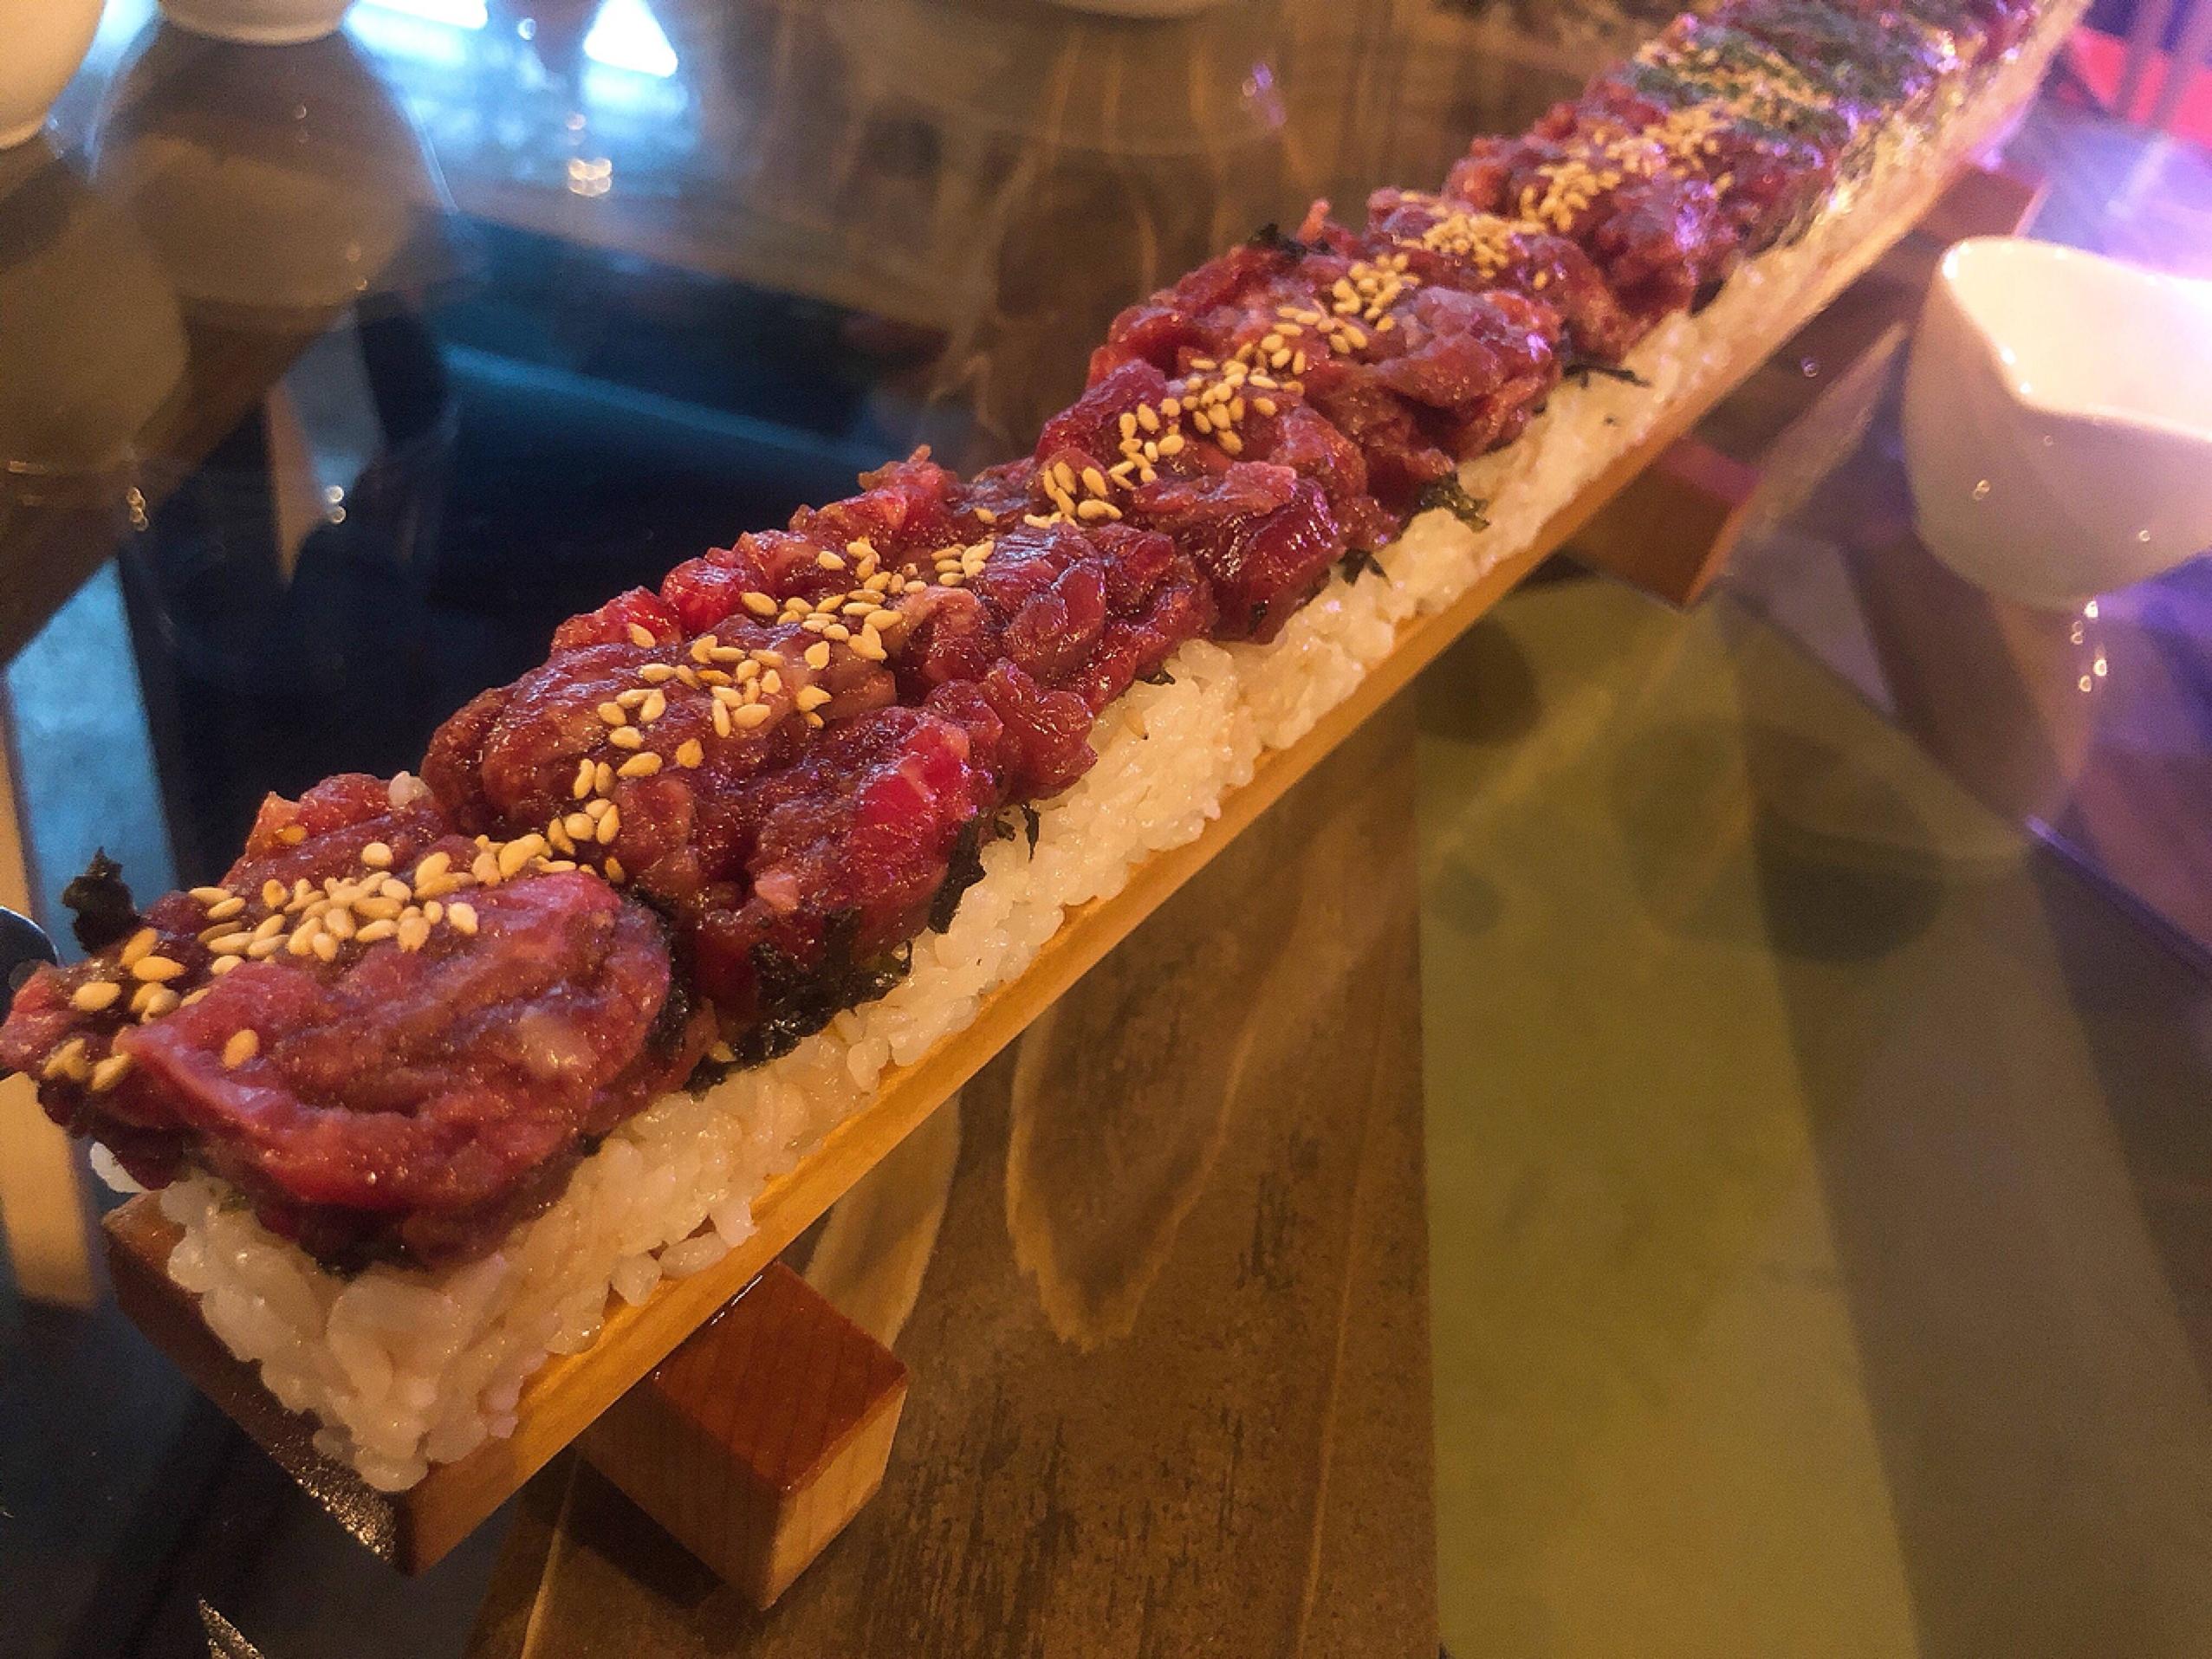 Vol.65♡ 50cm?!巨大ユッケ寿司が食べられるお店【PALLET46】_1_3-2